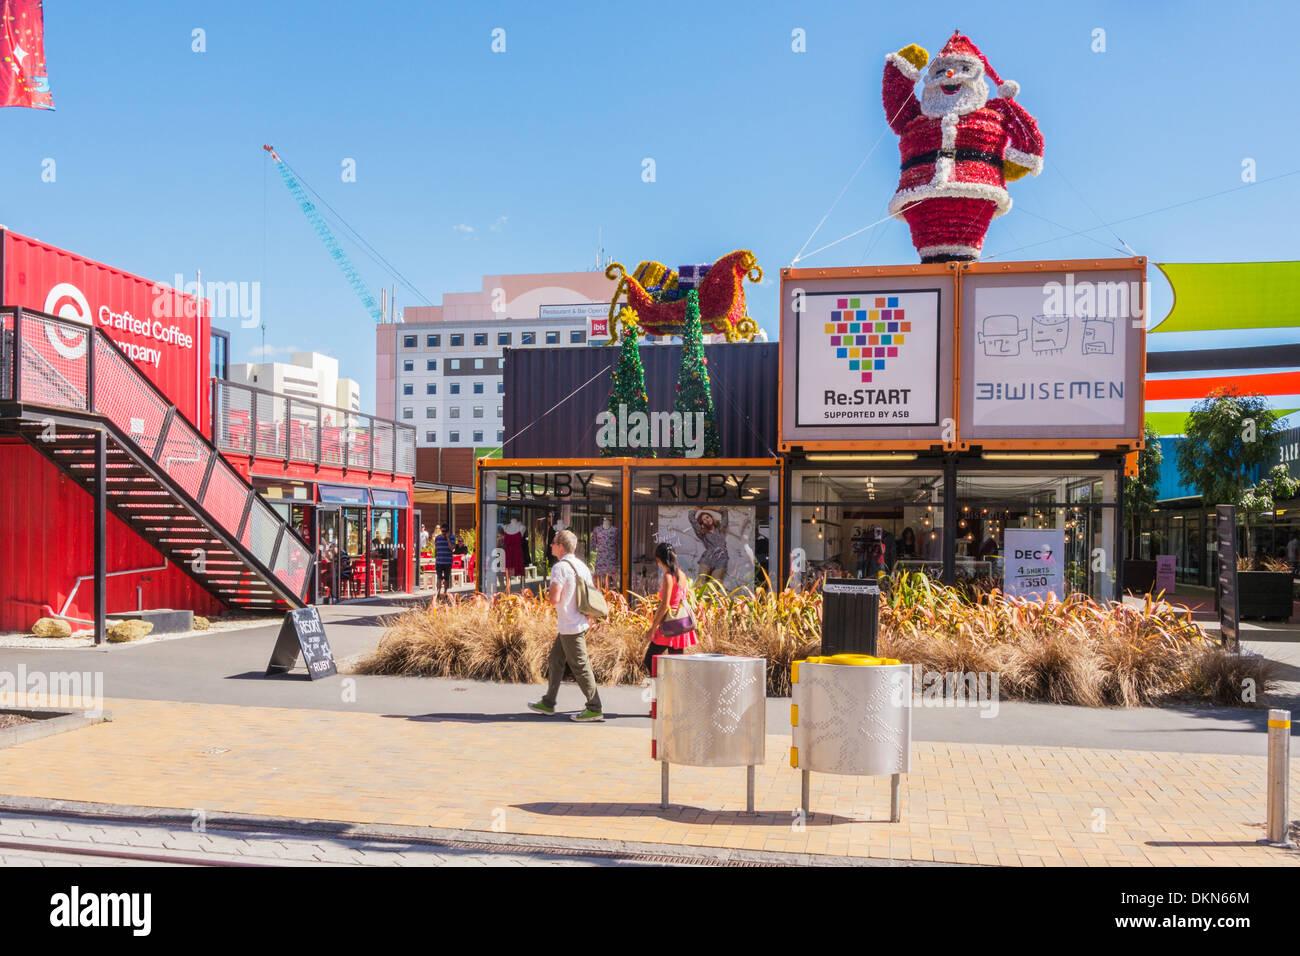 Container-Mall, Christchurch, New Zealand, an Weihnachten. Weihnachtsschmuck wie die Christchurch Erdbeben Erholung... Stockbild